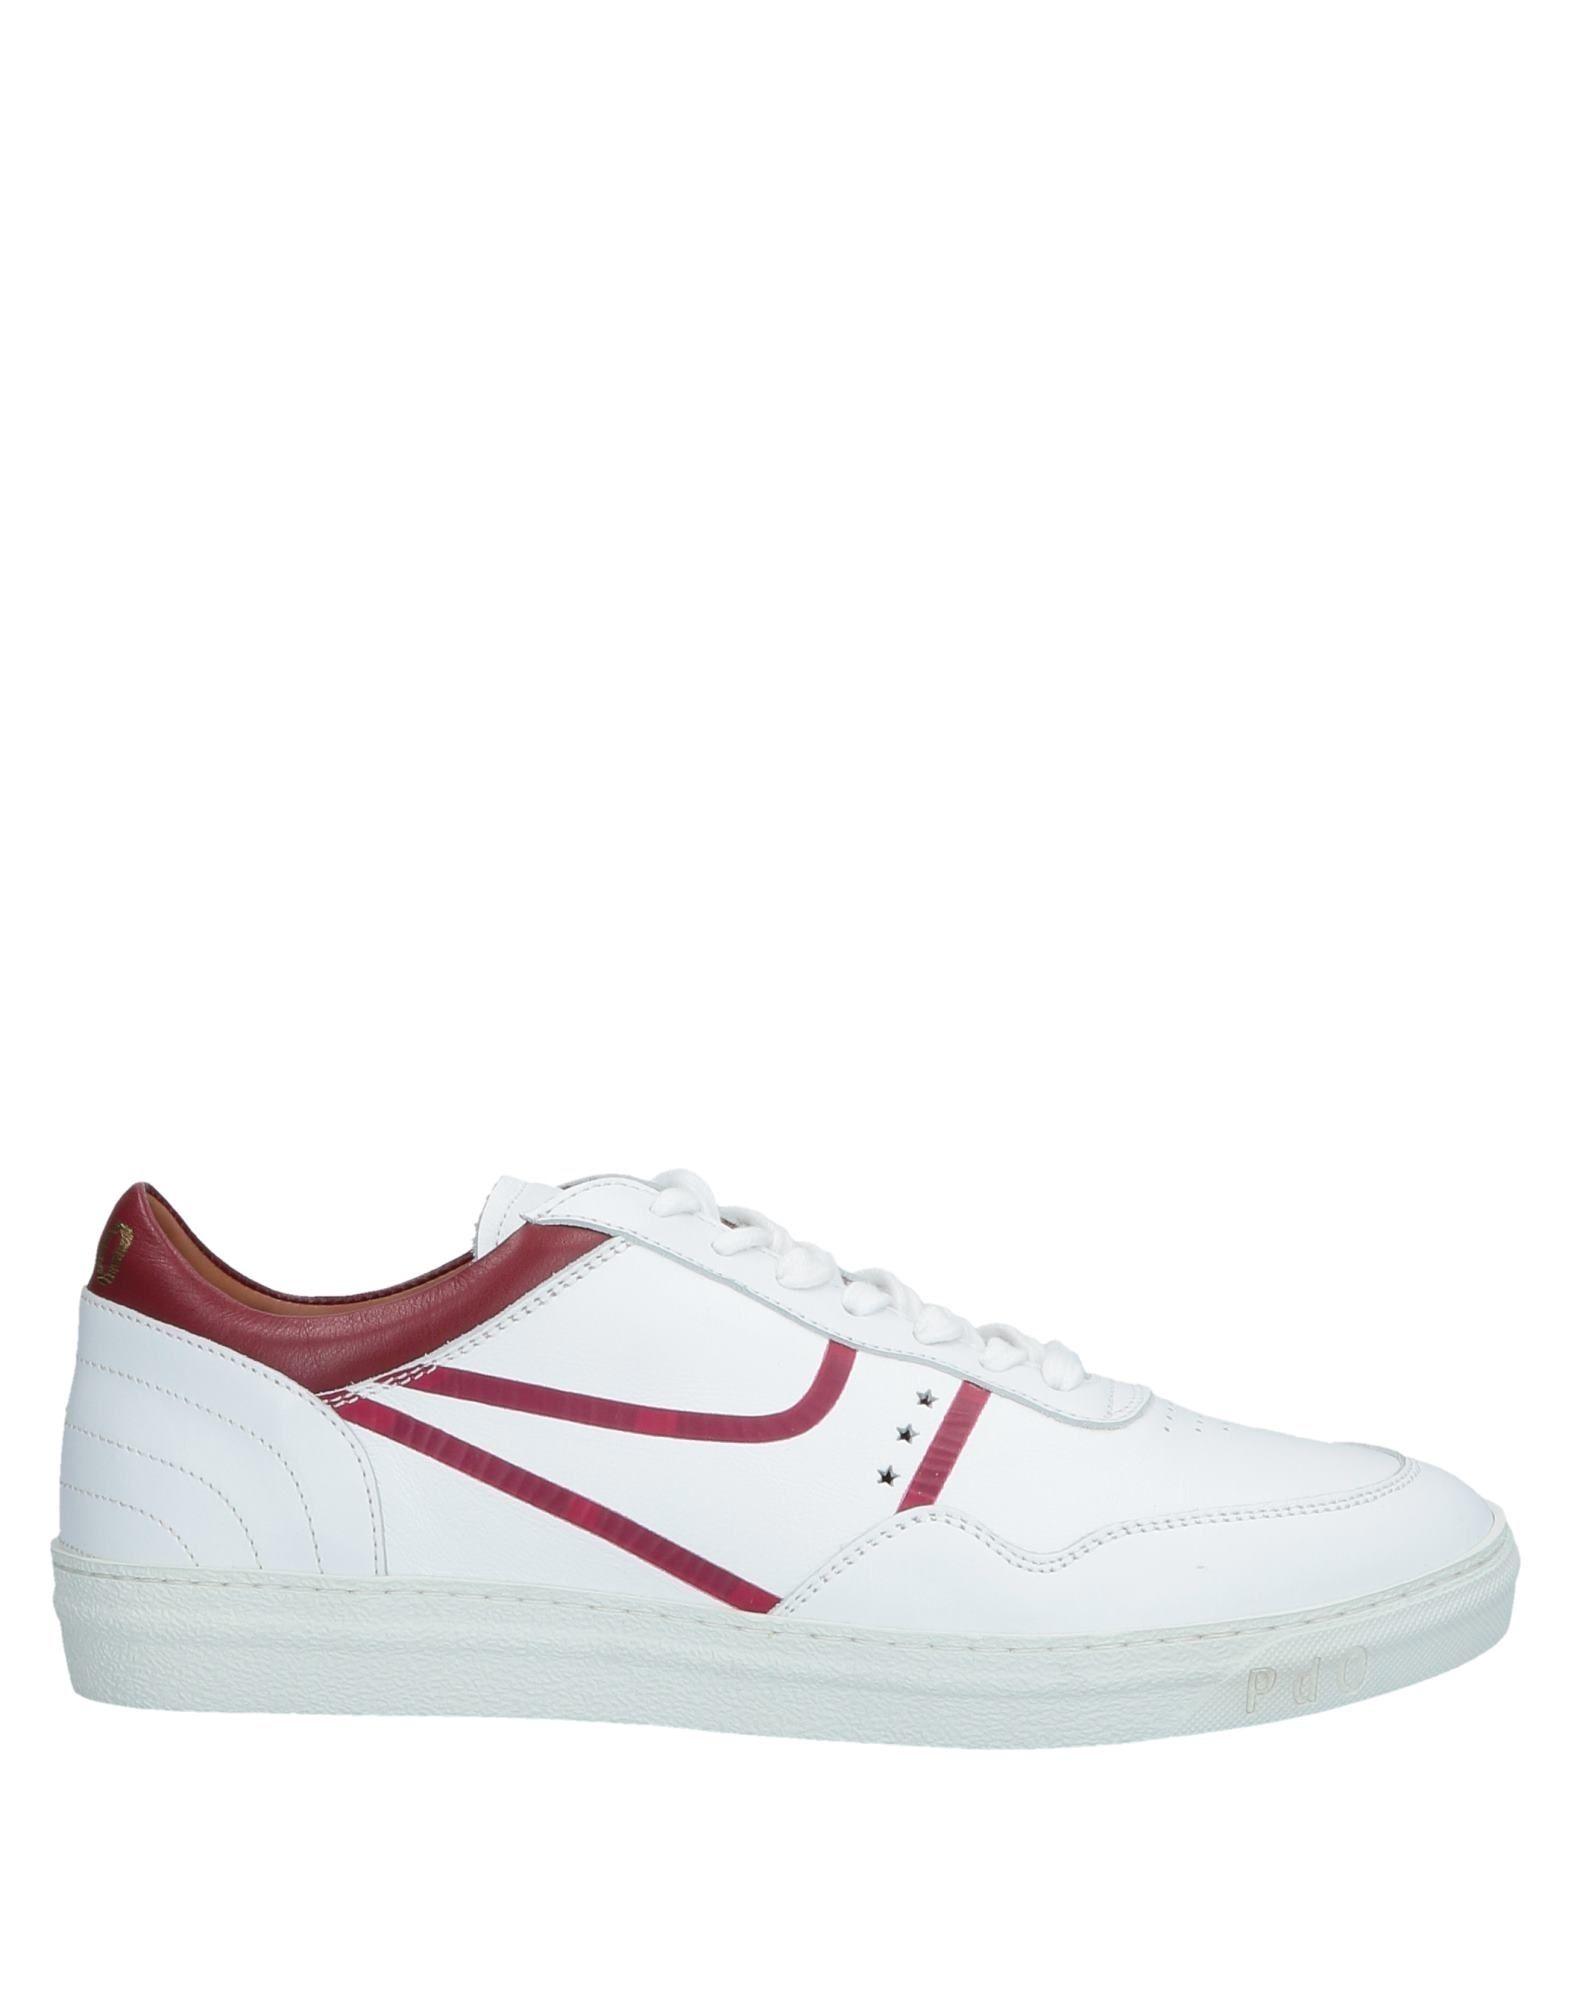 Pantofola D'oro Sneakers Herren beliebte  11569885HC Gute Qualität beliebte Herren Schuhe 05ed9c